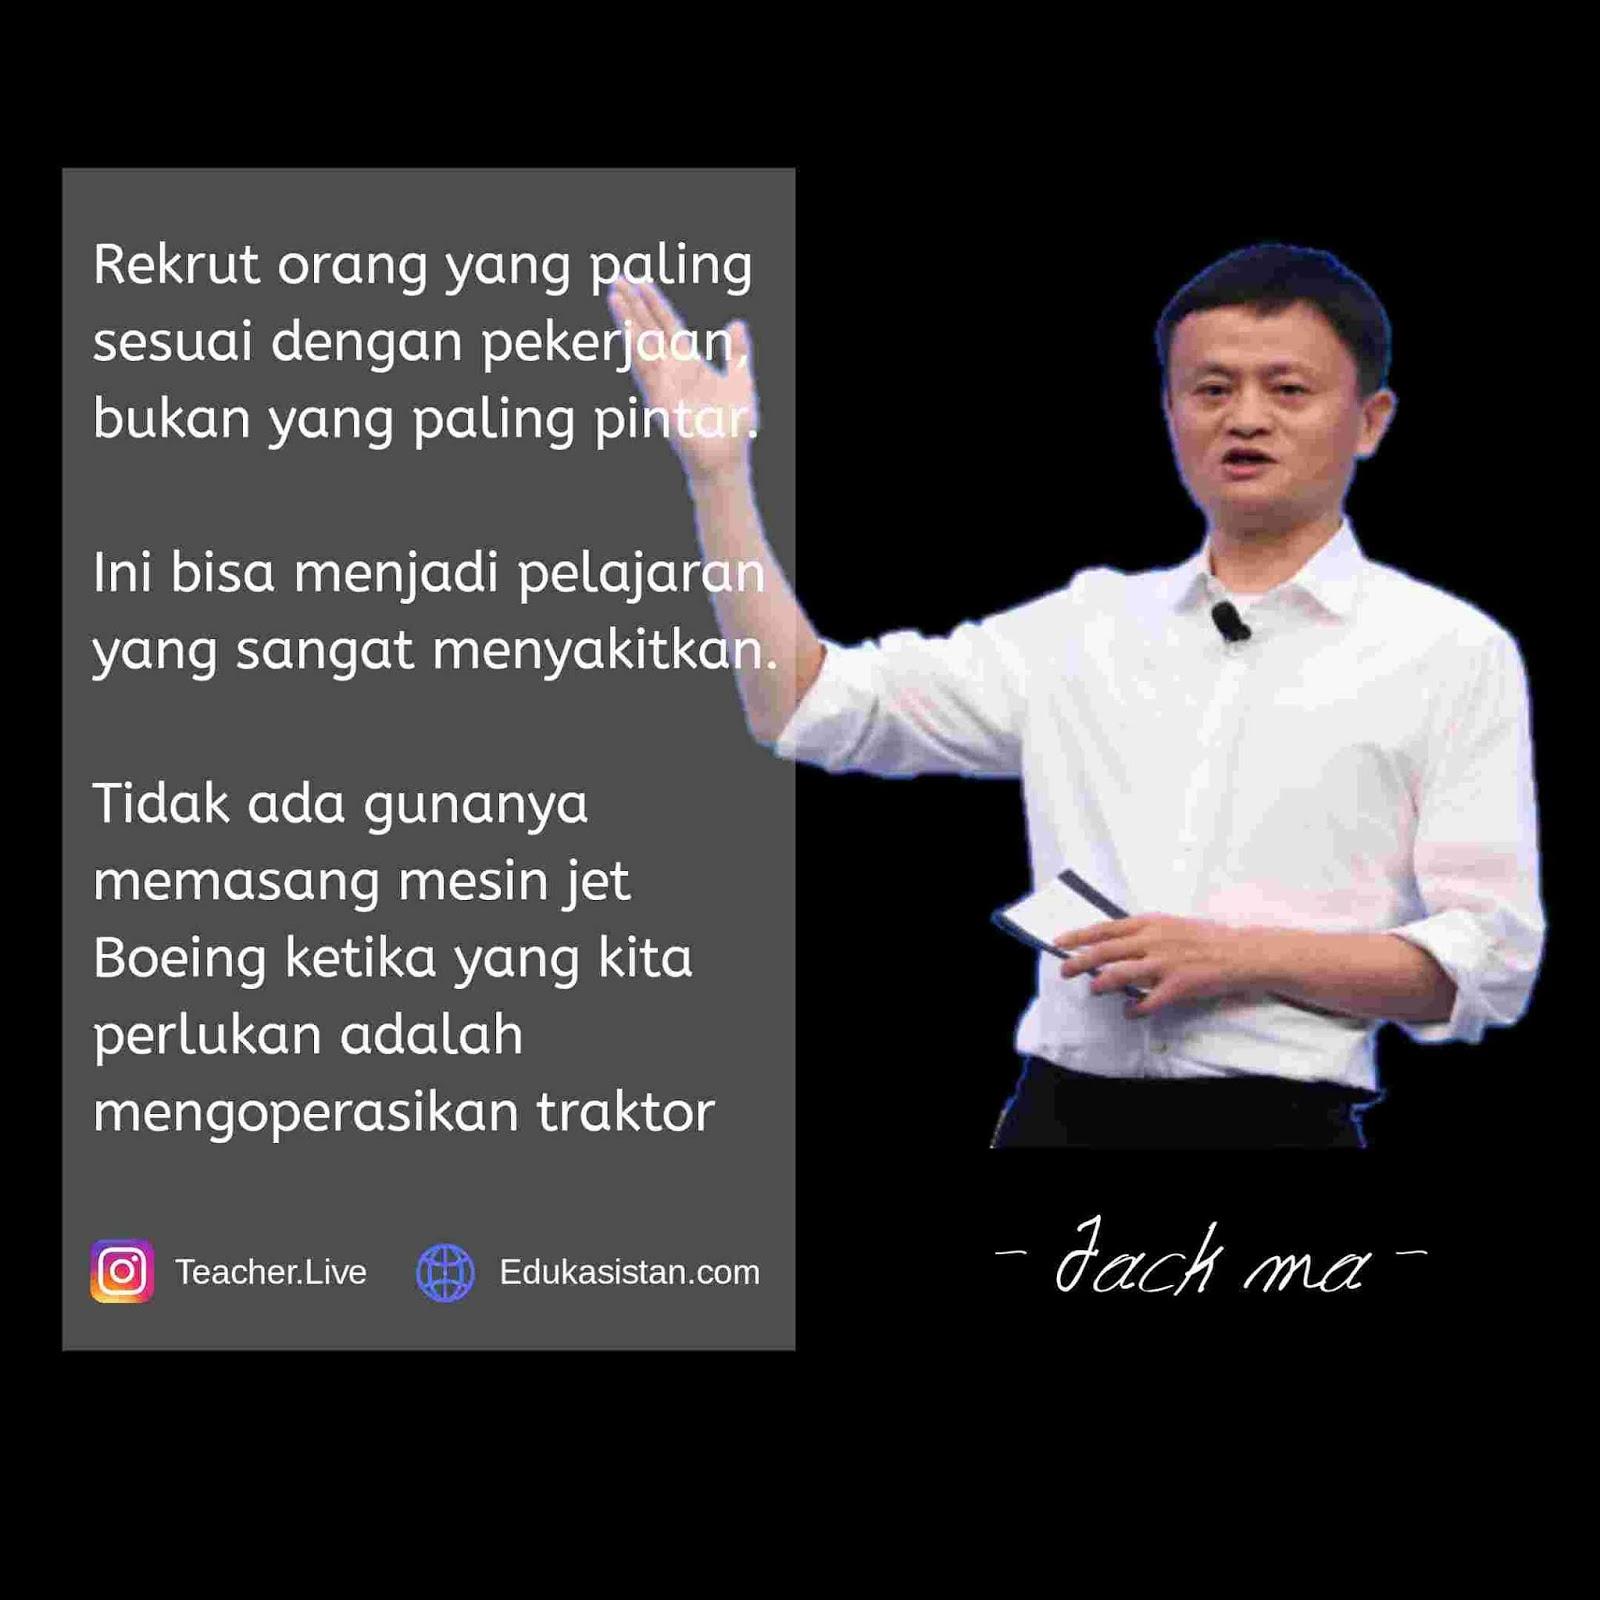 20 Kata Kata Bijak Jack Ma Yang Penuh Makna Dan Inspiratif Edukasistan Com